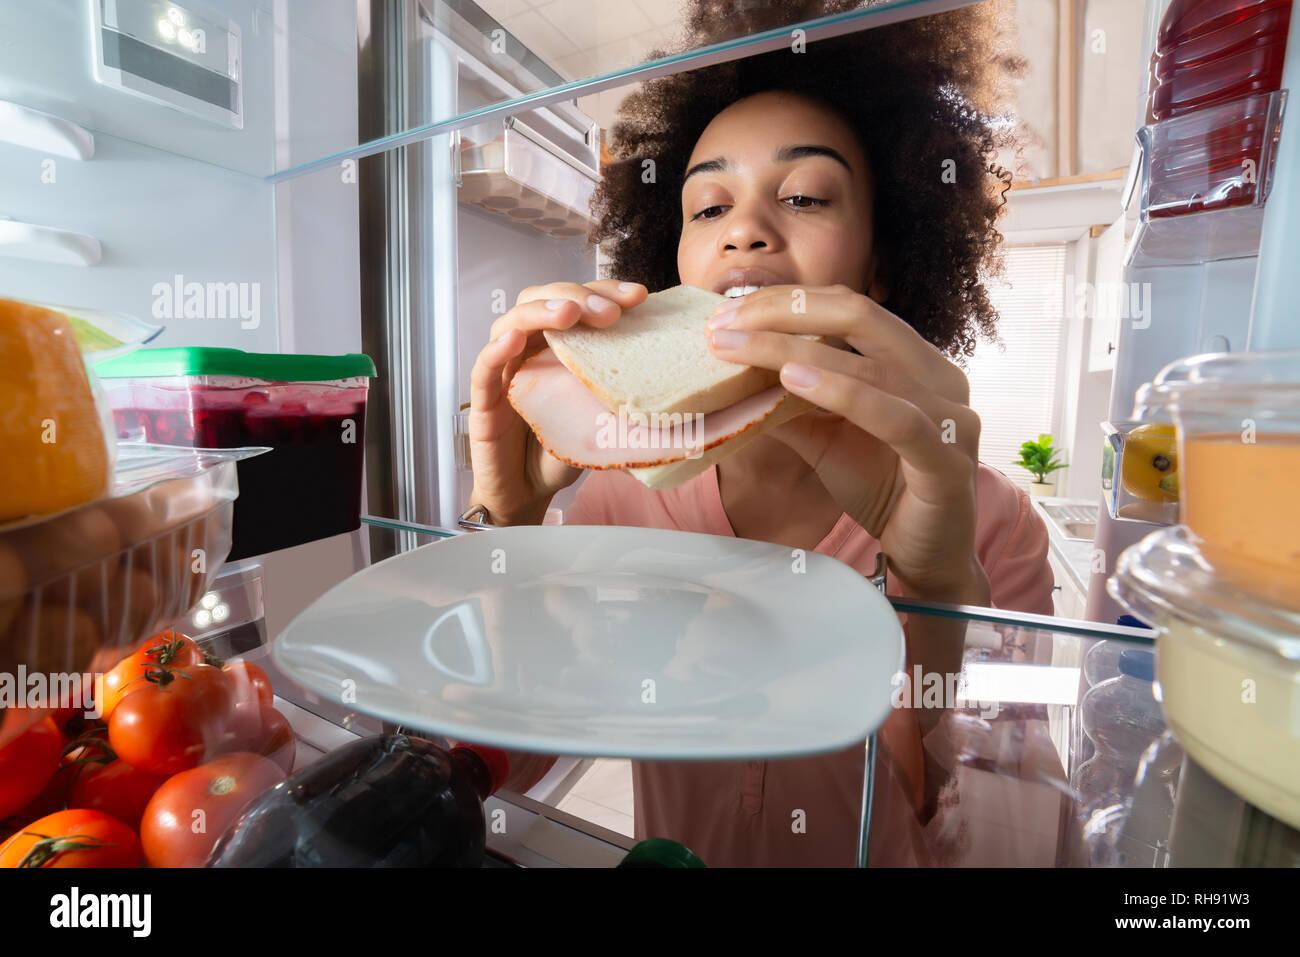 Kühlschrank Platte : Hunger frau schinken sandwich von der platte im kühlschrank